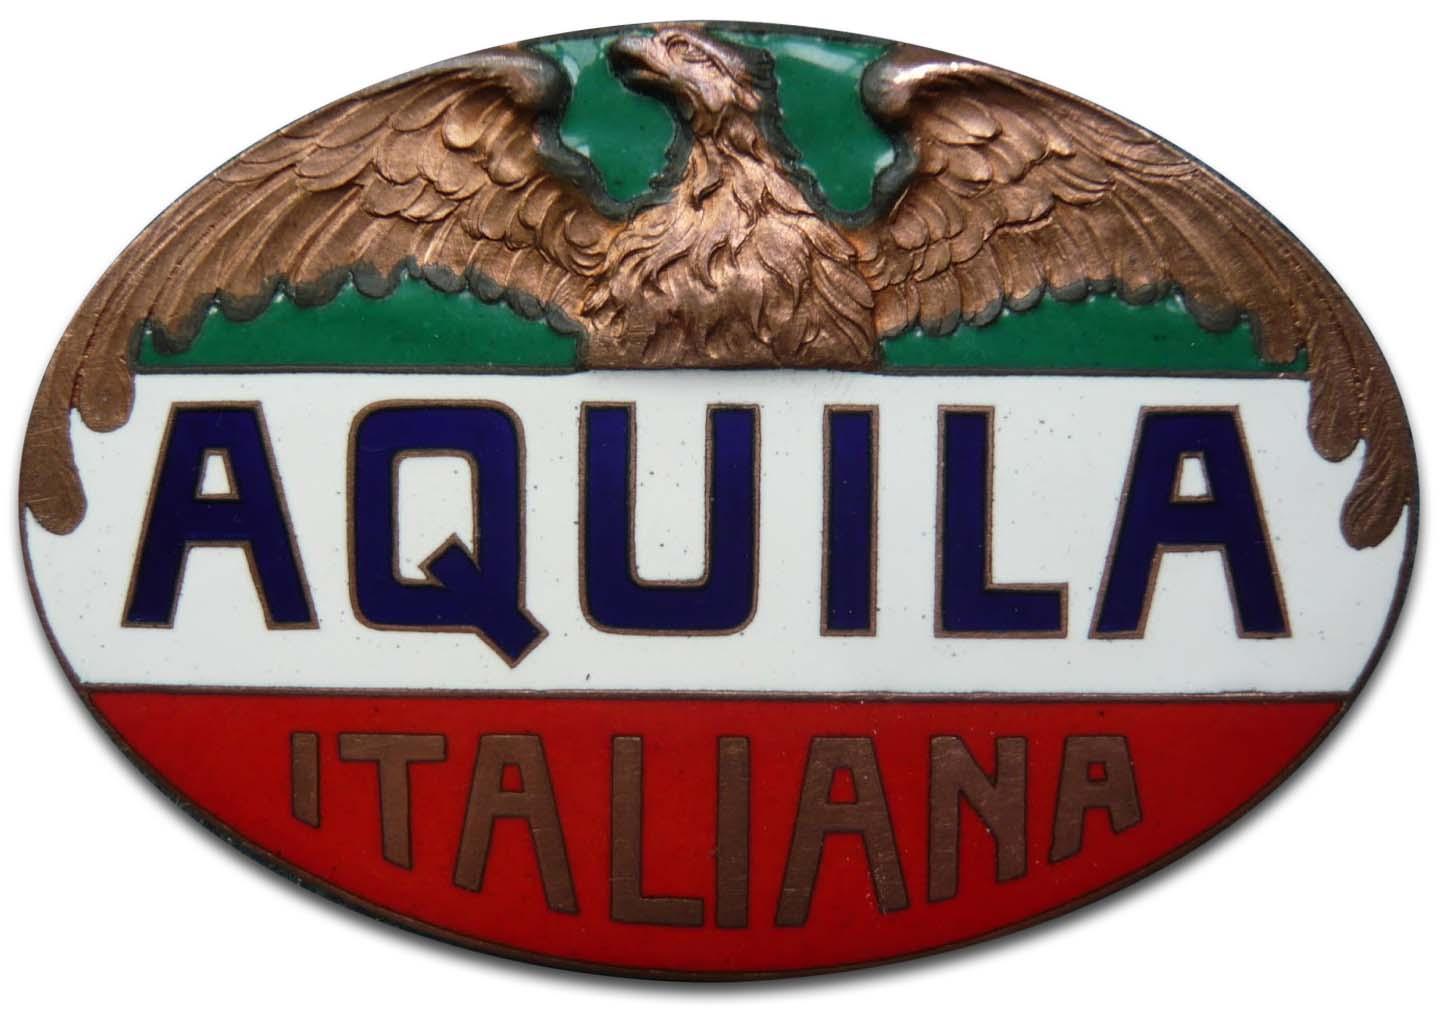 Society Anonima Aquila Italiana (1913 grill emblem)(1913)